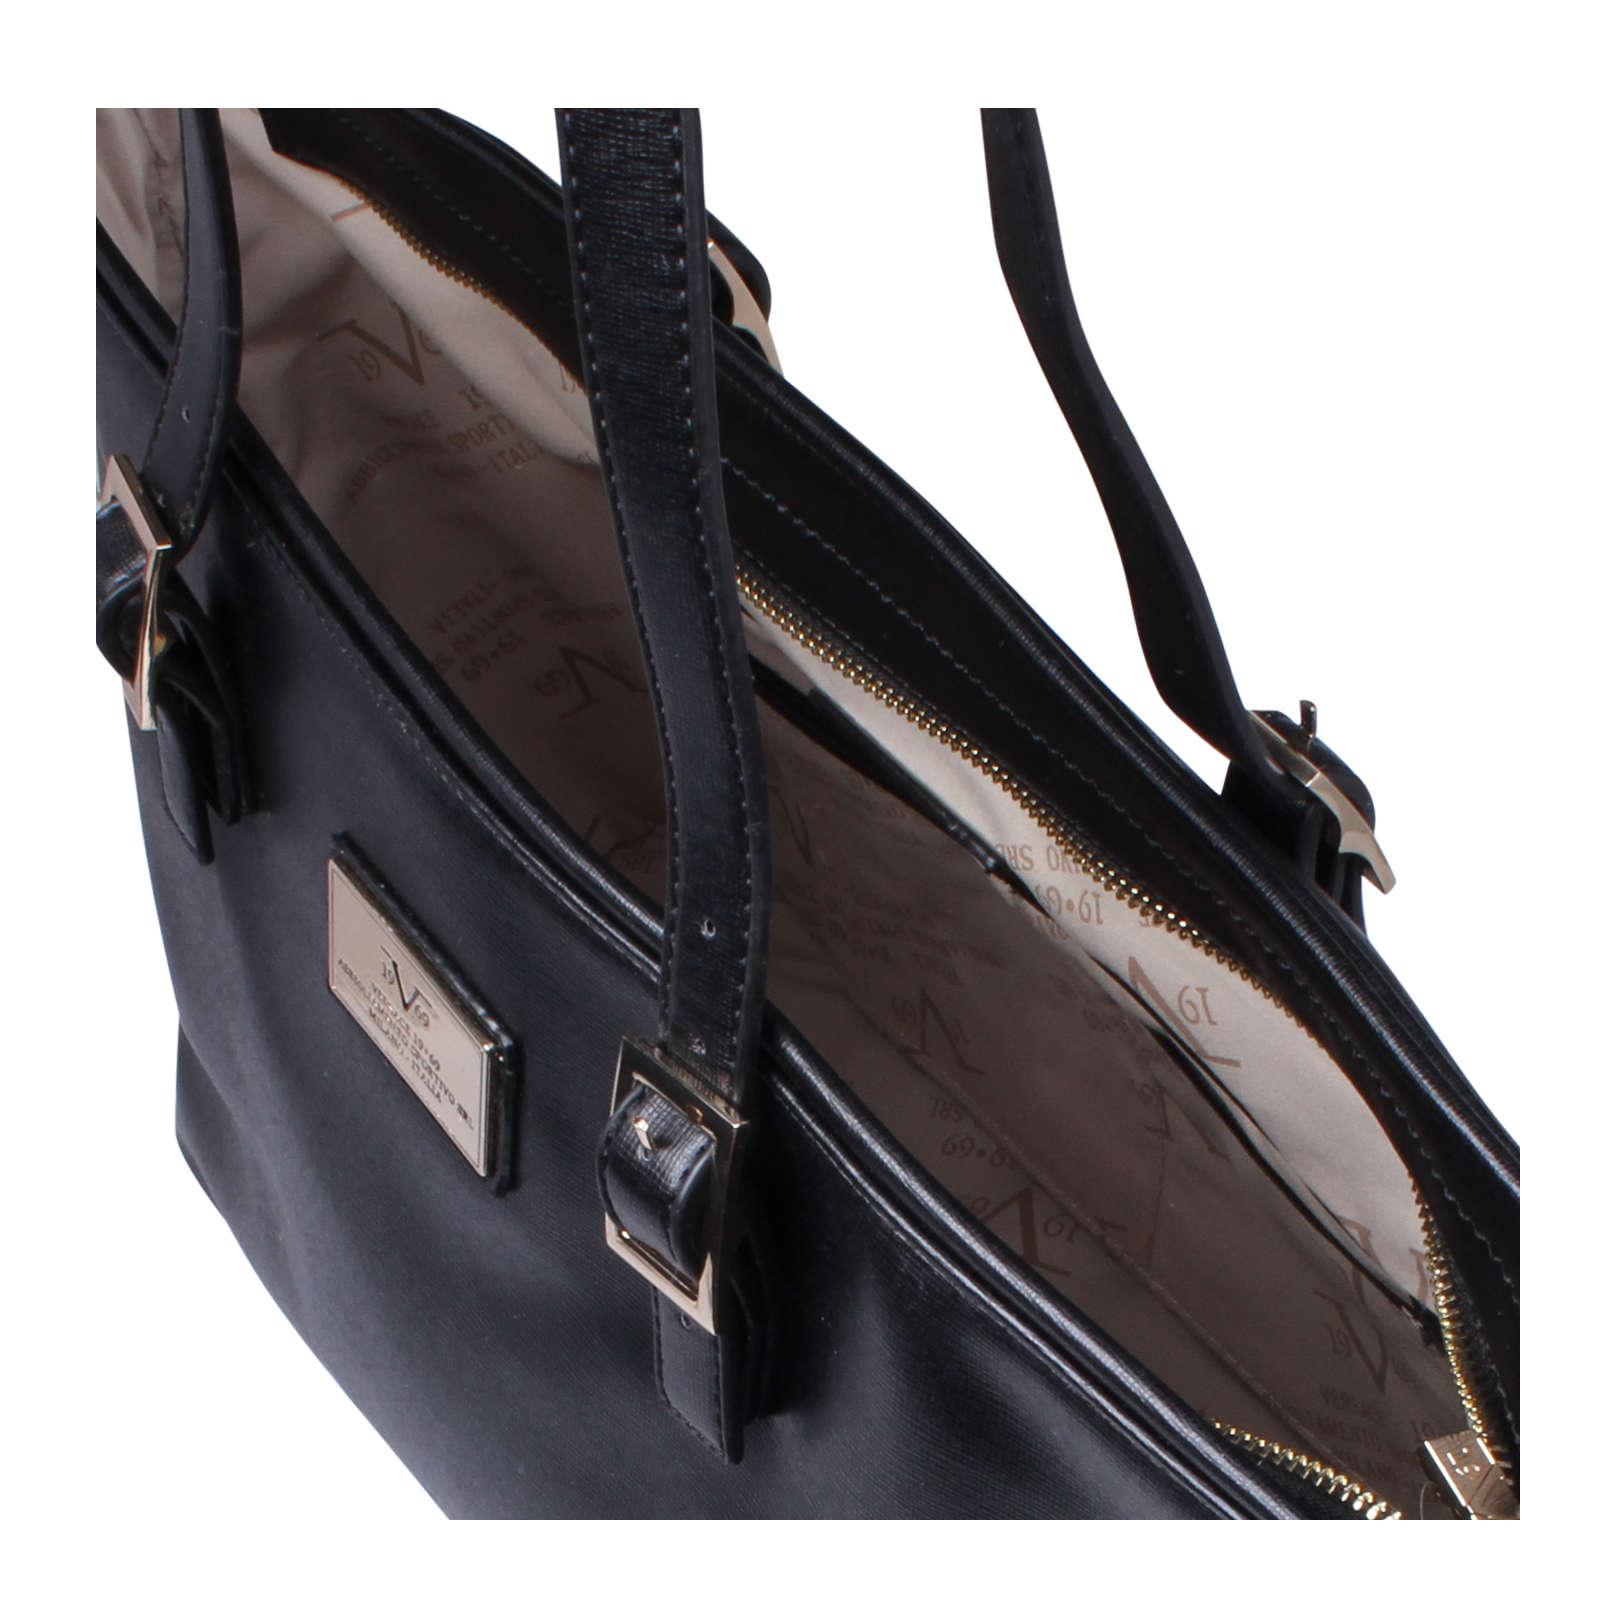 shen versace 1969 shen black handbag by versace 1969. Black Bedroom Furniture Sets. Home Design Ideas